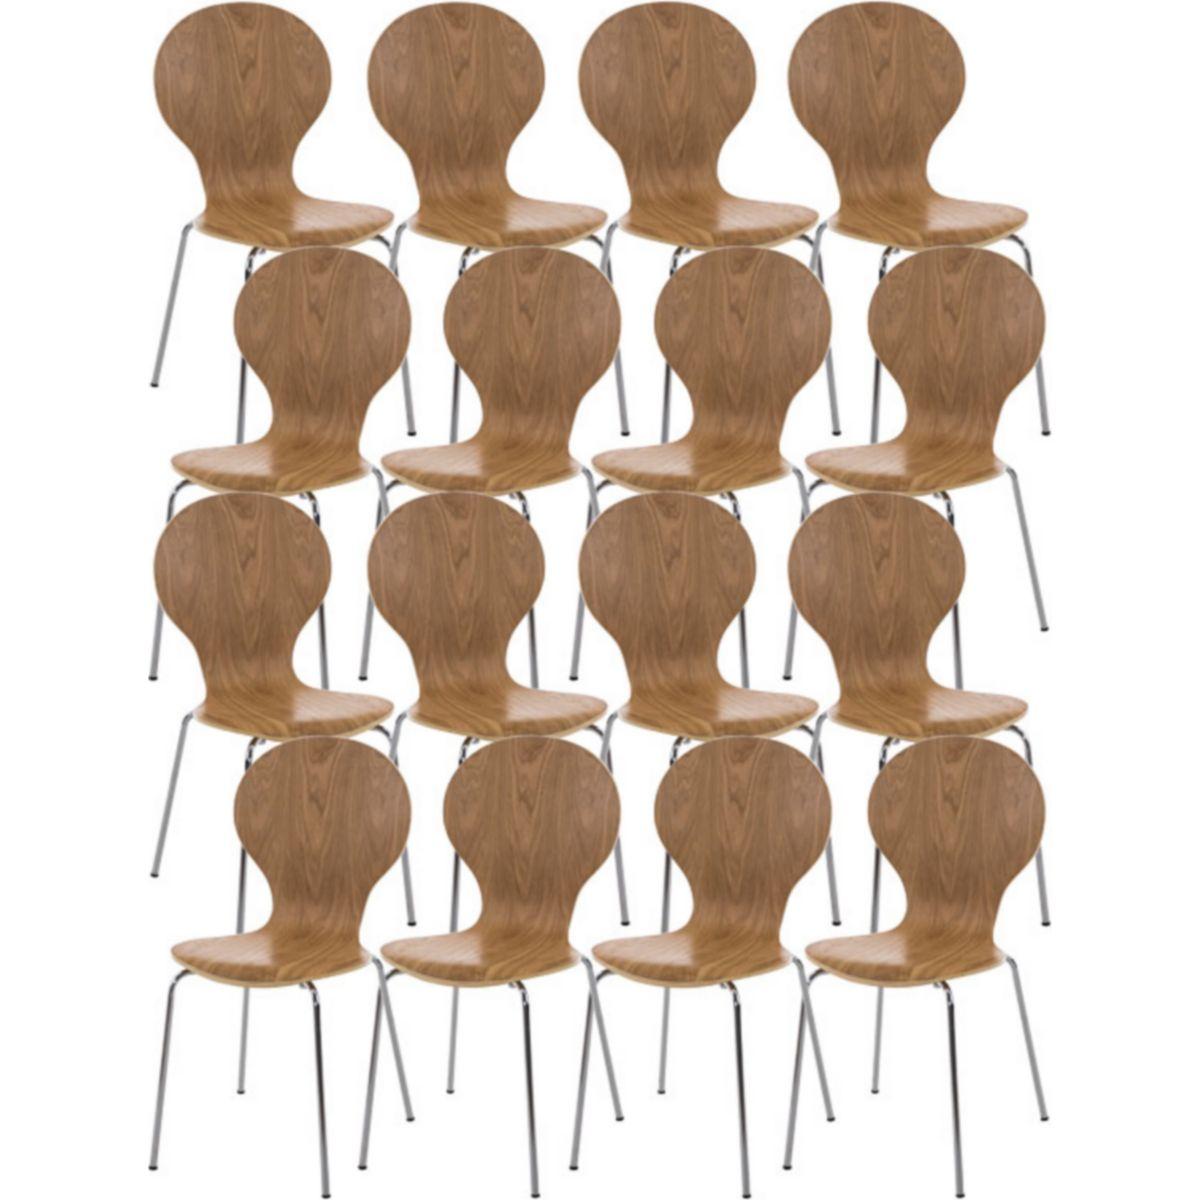 16x robuster und pflegeleichter Stapelstuhl DIEGO mit Holzsitz & ergonomisch geformter Sitzfläche, bis zu 12 Farben wählbar jetztbilligerkaufen